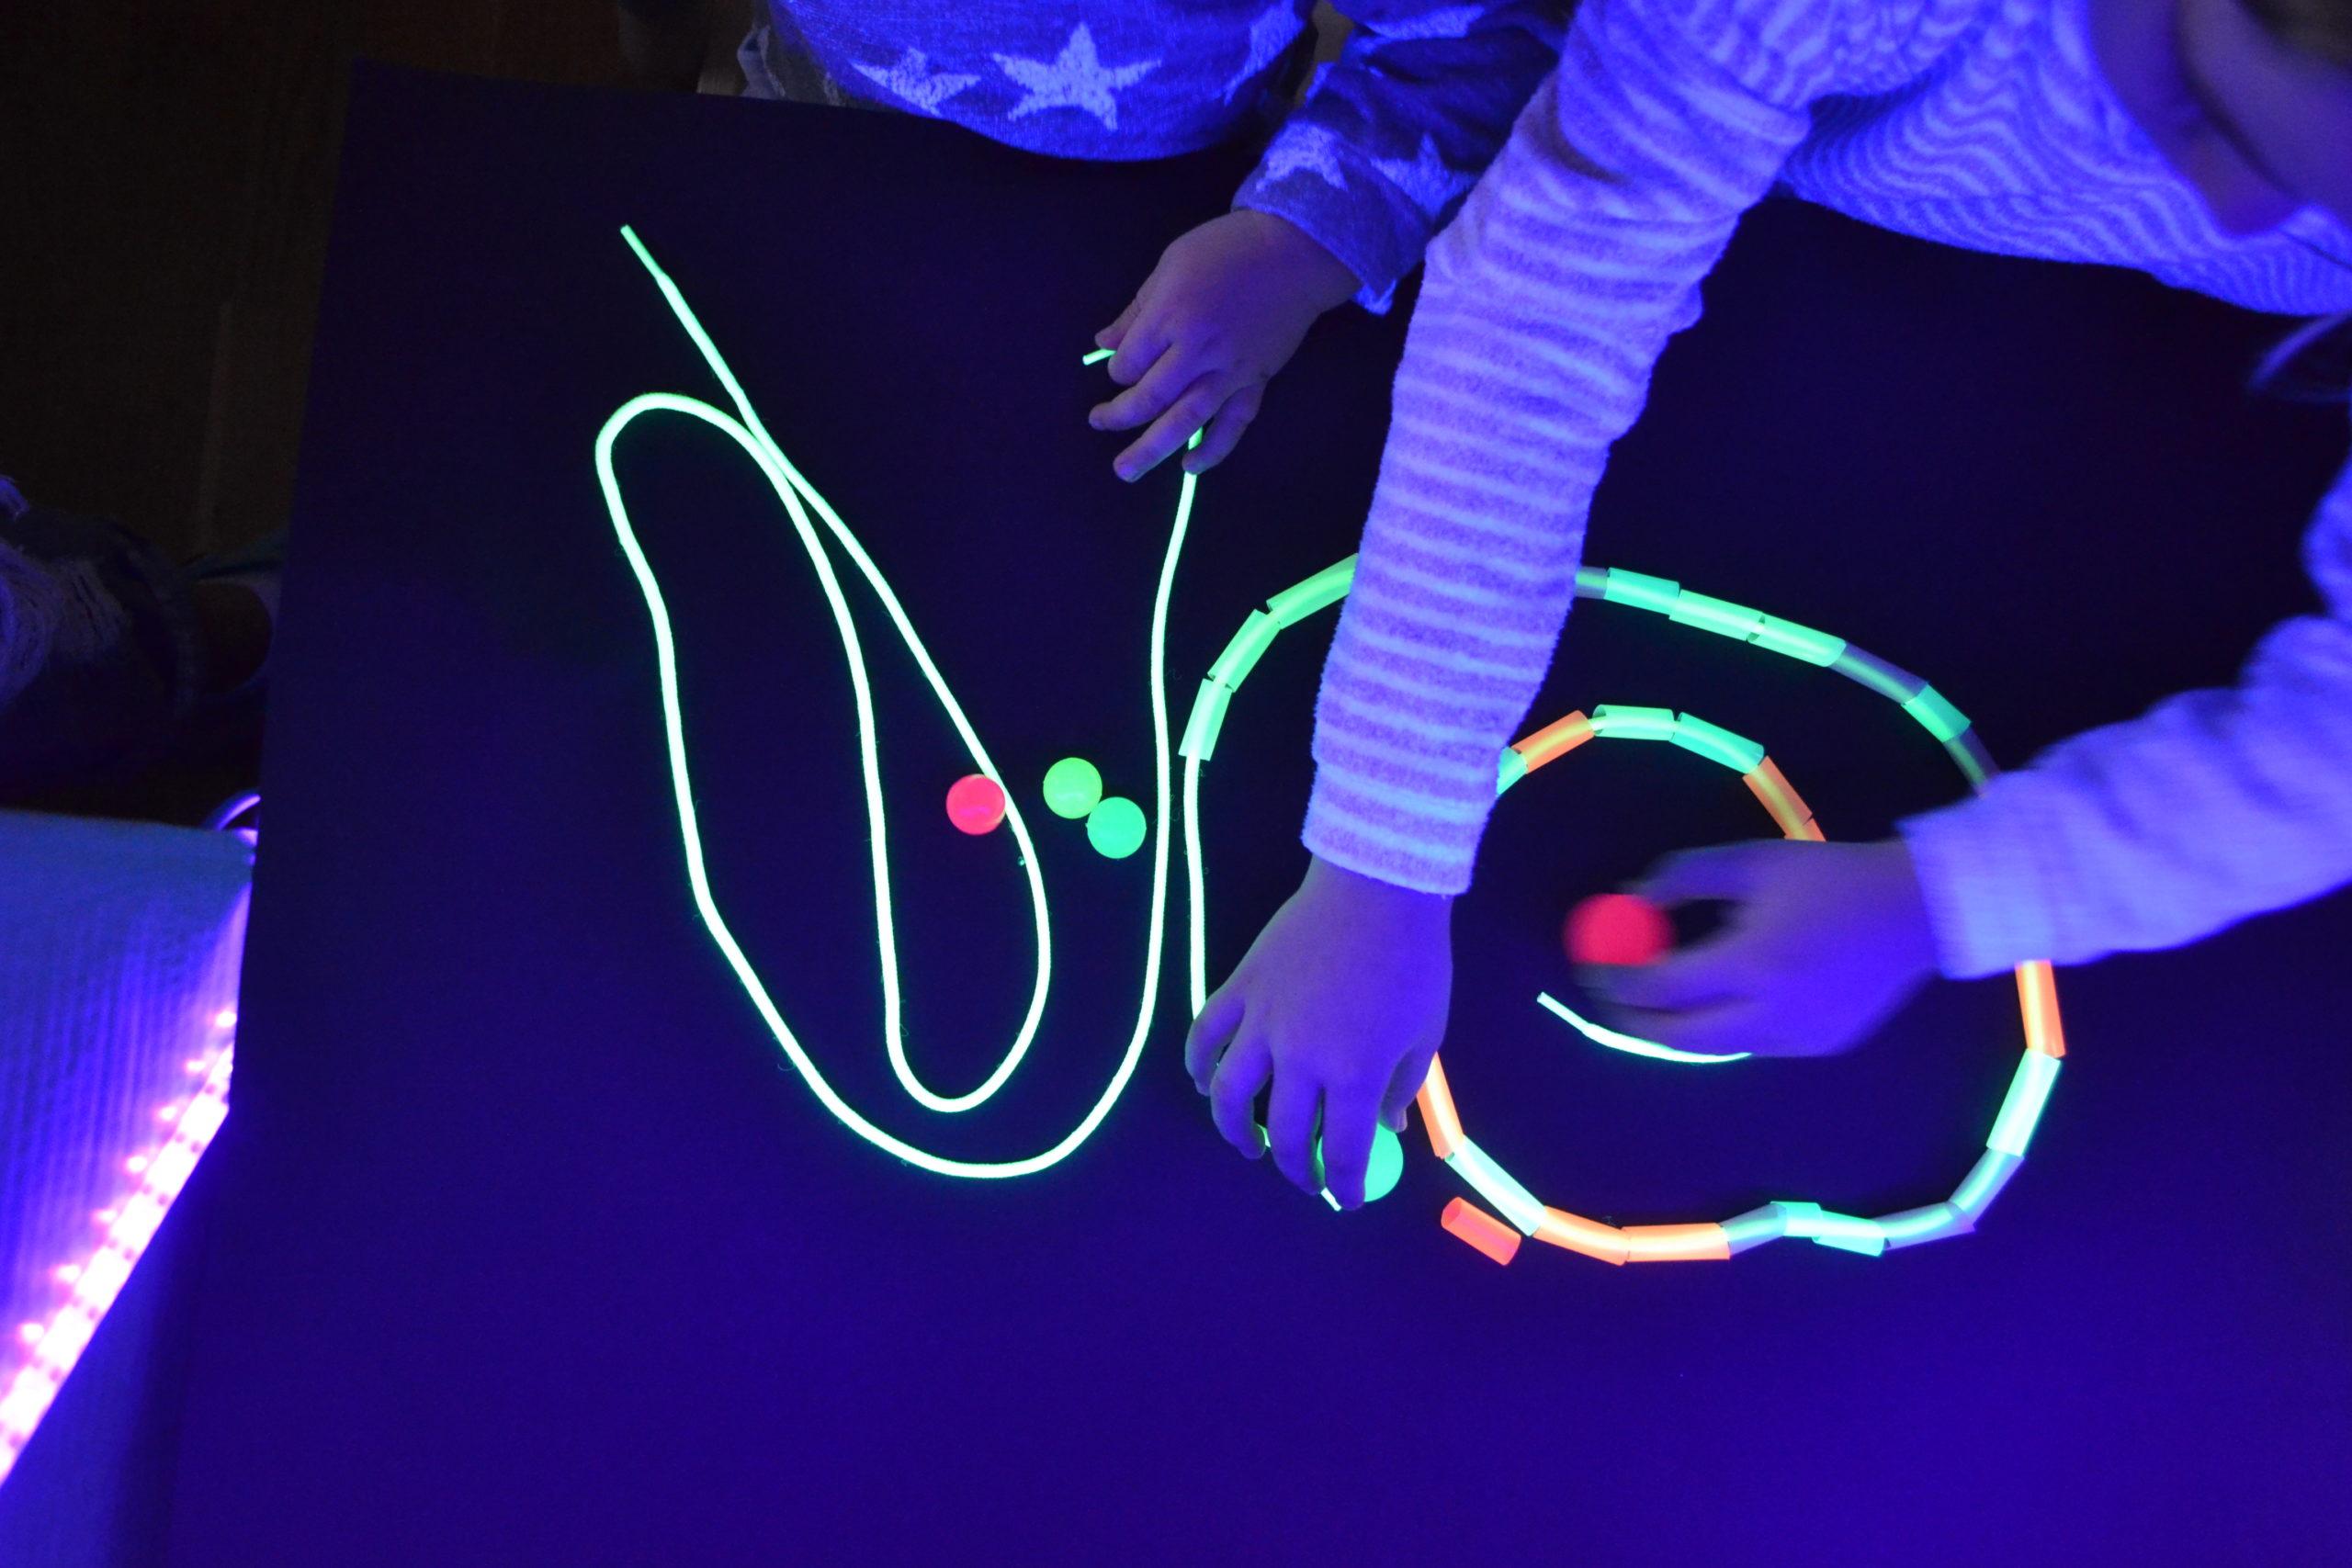 cordones y pelotas fluorescentes